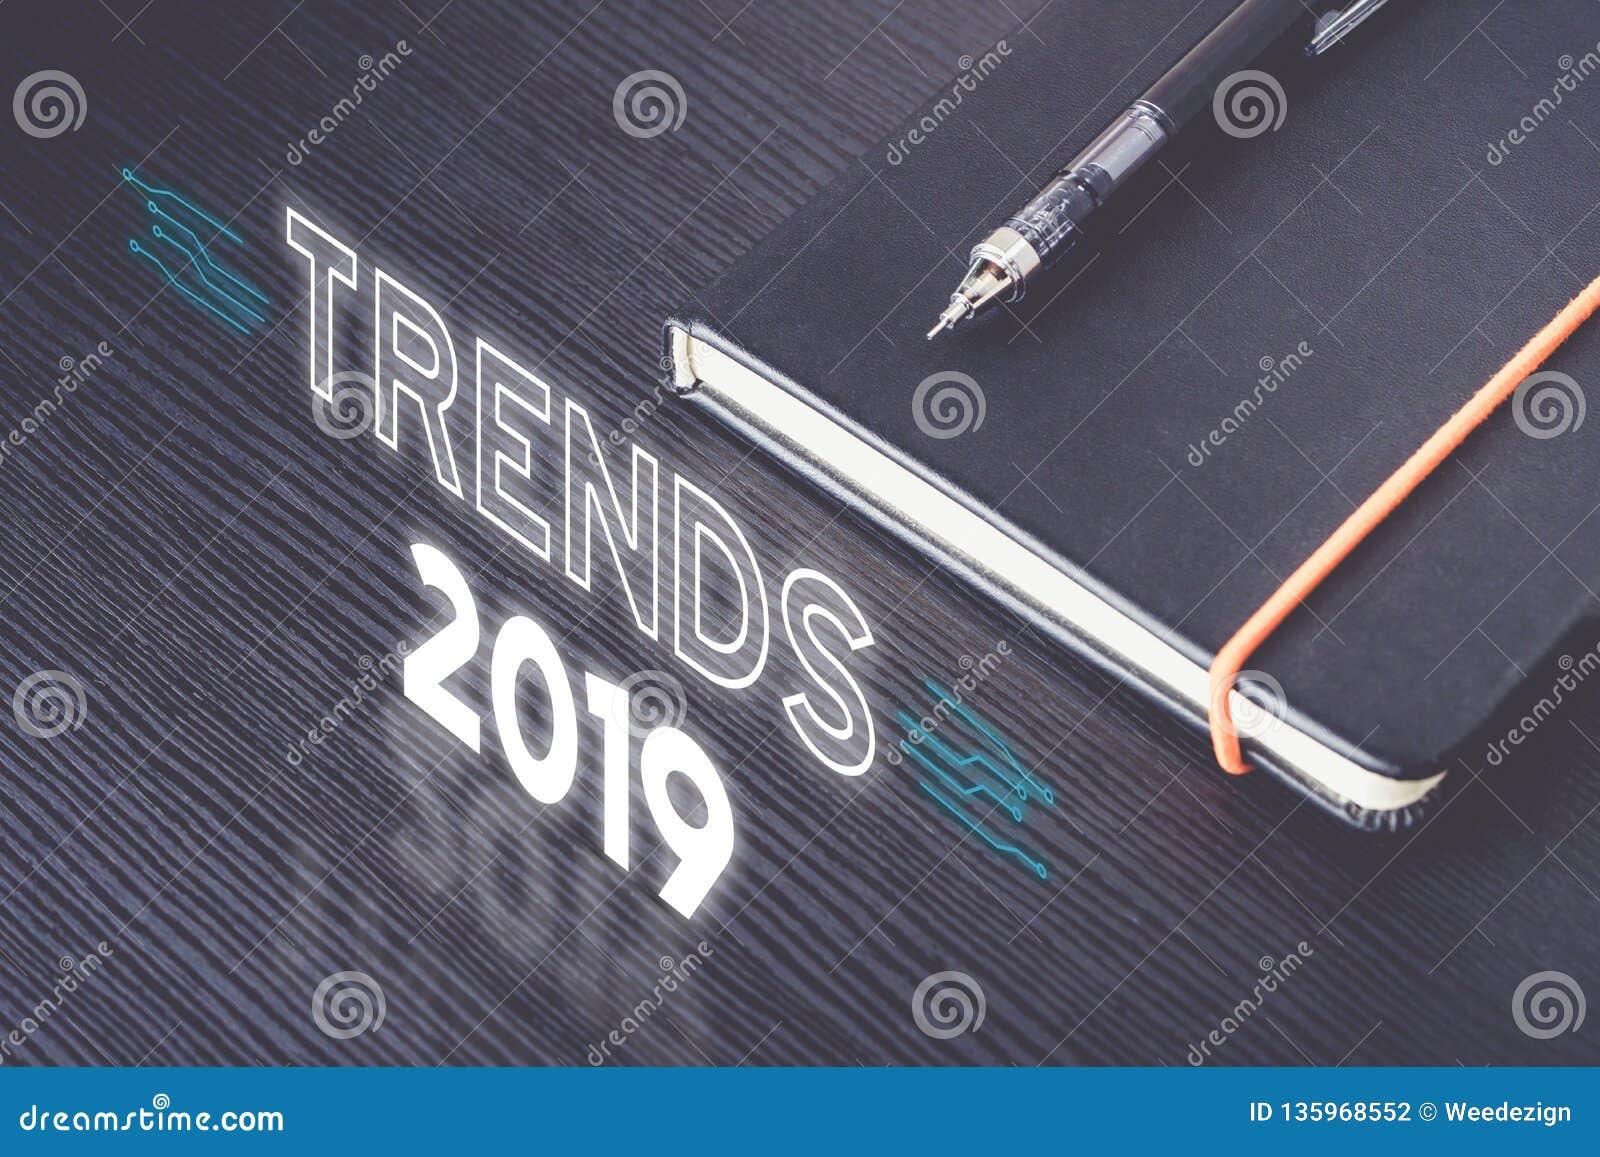 Feche acima da ideia superior das tendências 2019 com o caderno preto com o lápis mecânico moderno na tabela de madeira coisa nov